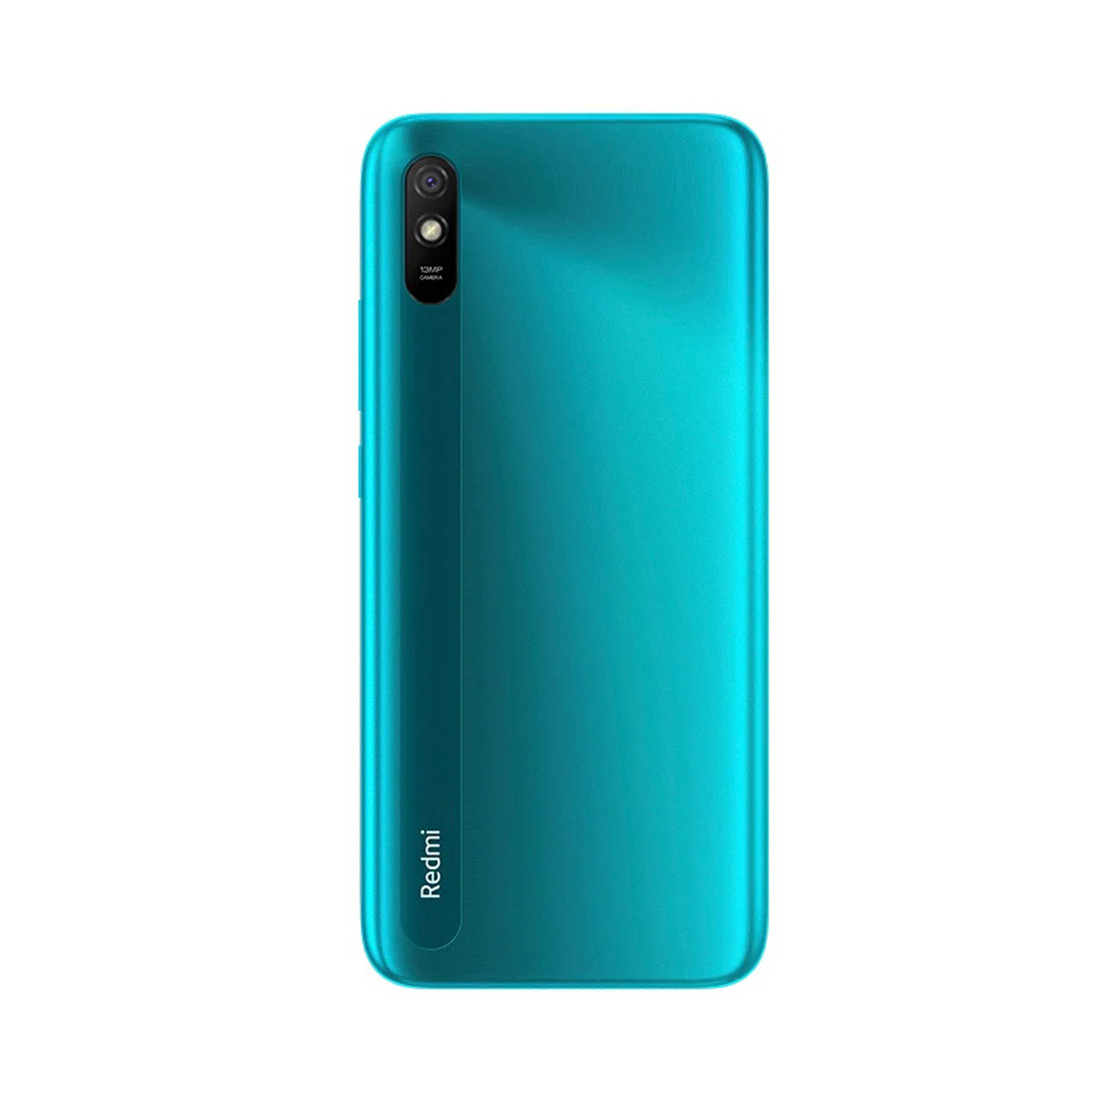 Мобильный телефон Xiaomi Redmi 9A 32GB Peacock Green - фото 2